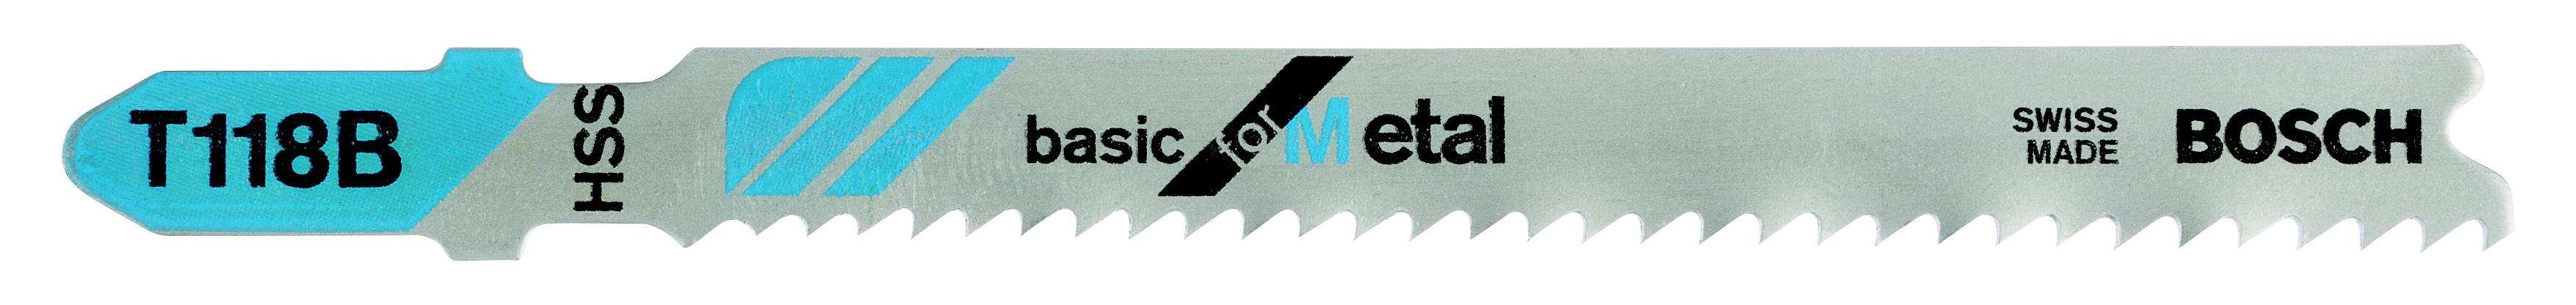 Пилки для лобзика Bosch T118b (2.608.631.014) пилки для лобзика makita b 18 t119bo